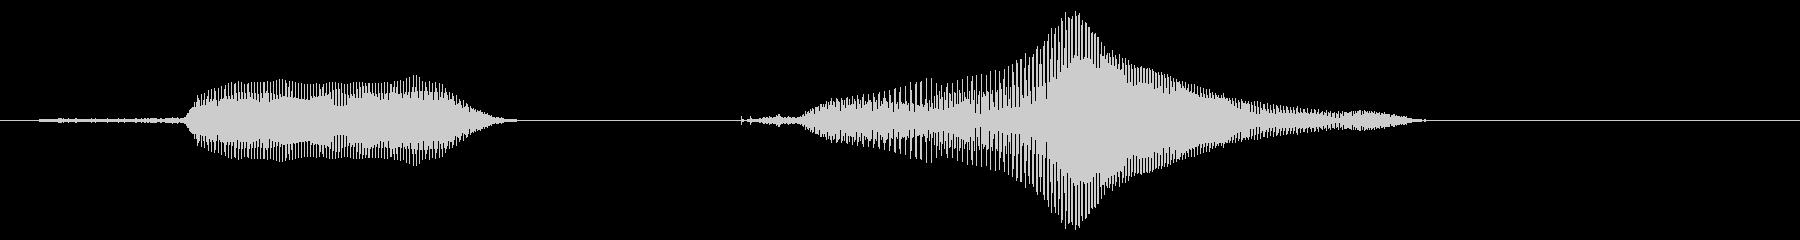 スイッチオン♪の未再生の波形